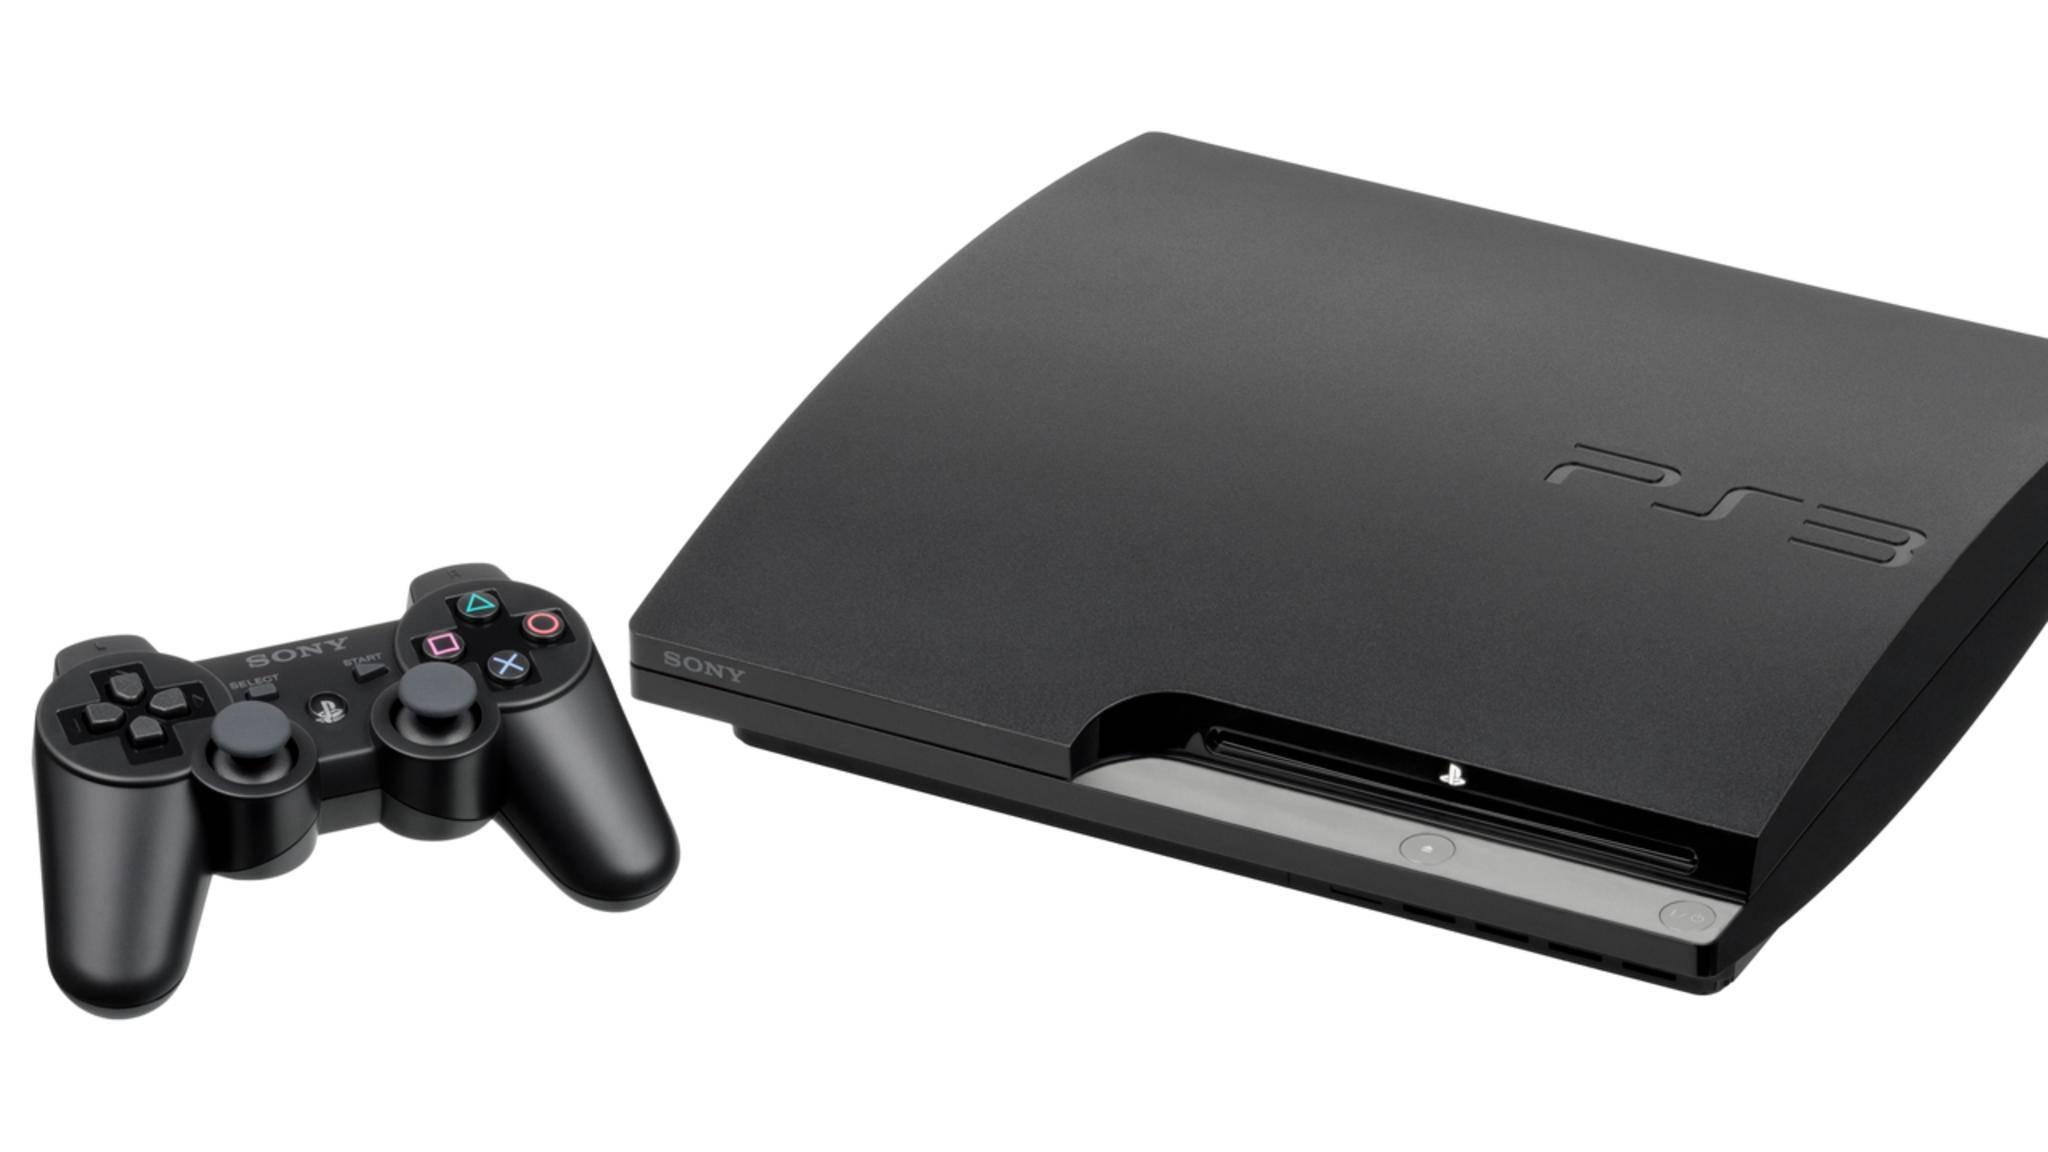 Mach's gut, PS3! Sony verabschiedet seine Last-Gen-Konsole in den Ruhestand